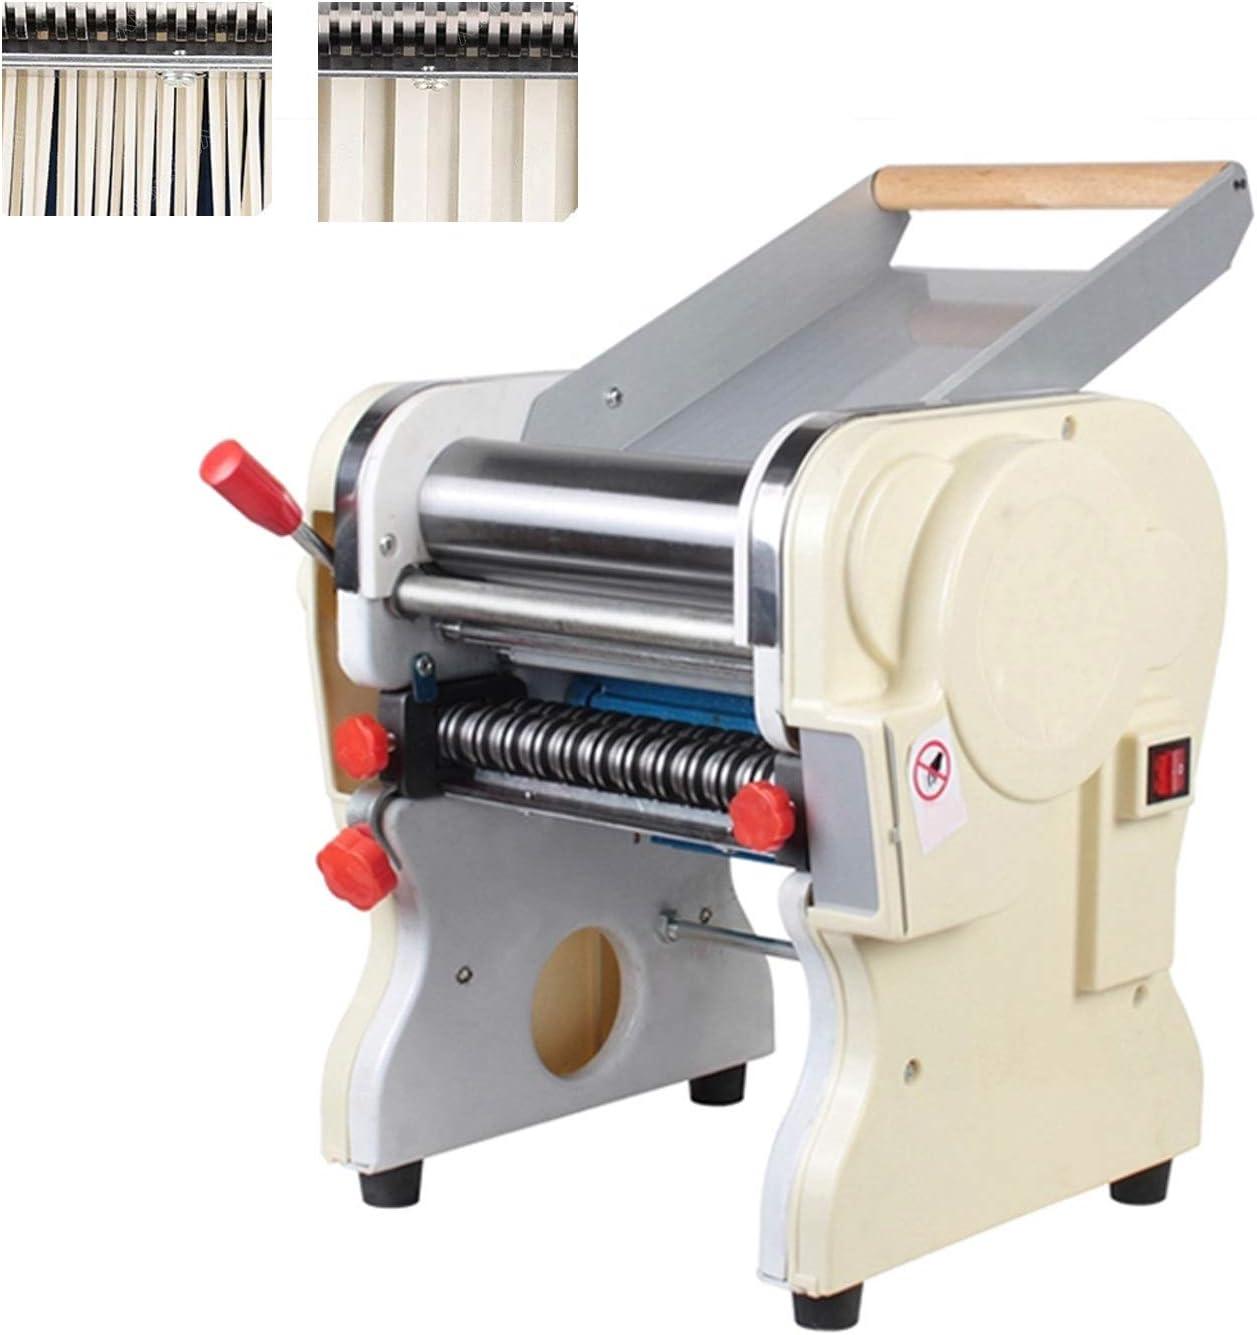 TECHTONGDA Pasta Max 49% OFF Maker 110V Noodle Max 67% OFF Roller Machine No